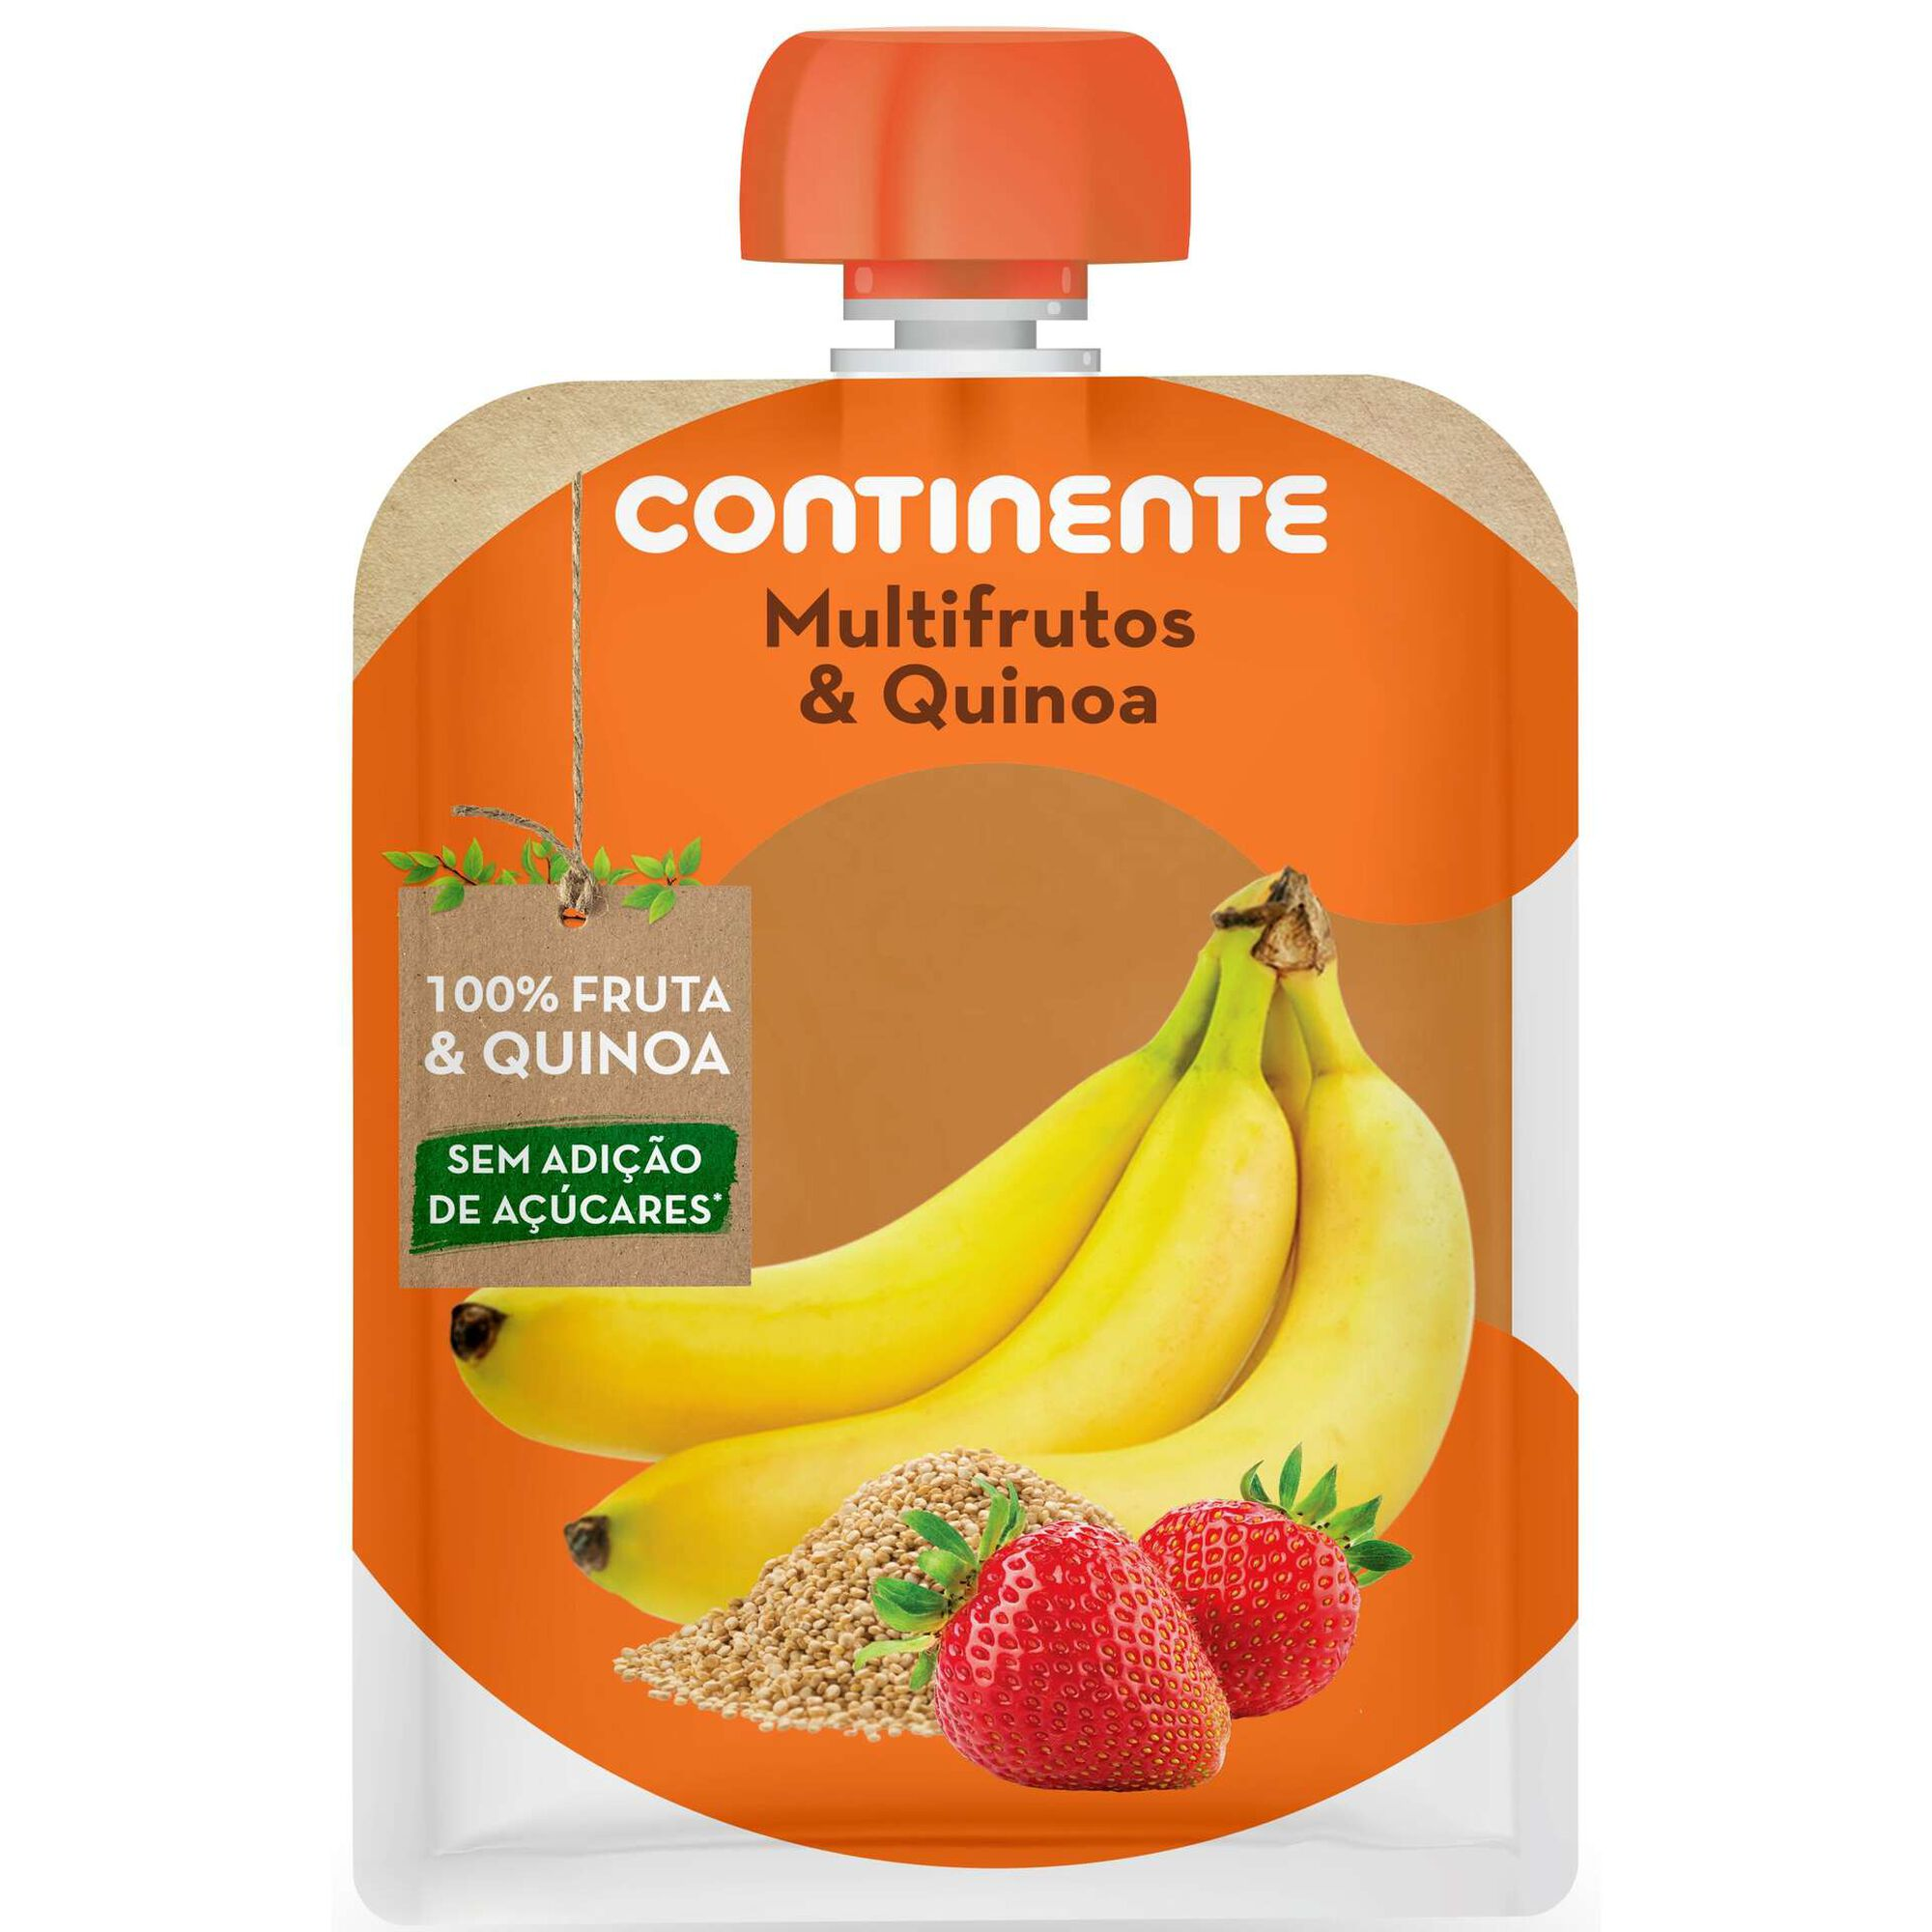 Saqueta de Fruta Banana, Morango e Quinoa